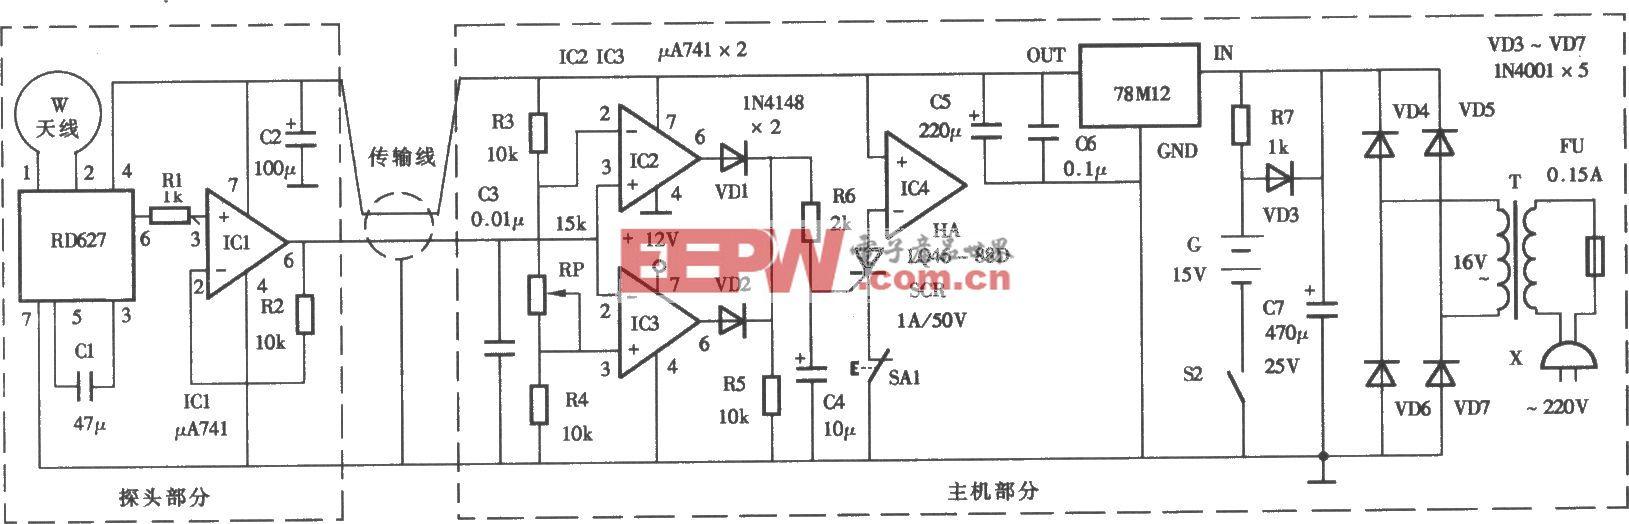 采用RD627的微波语言防盗报警器电路